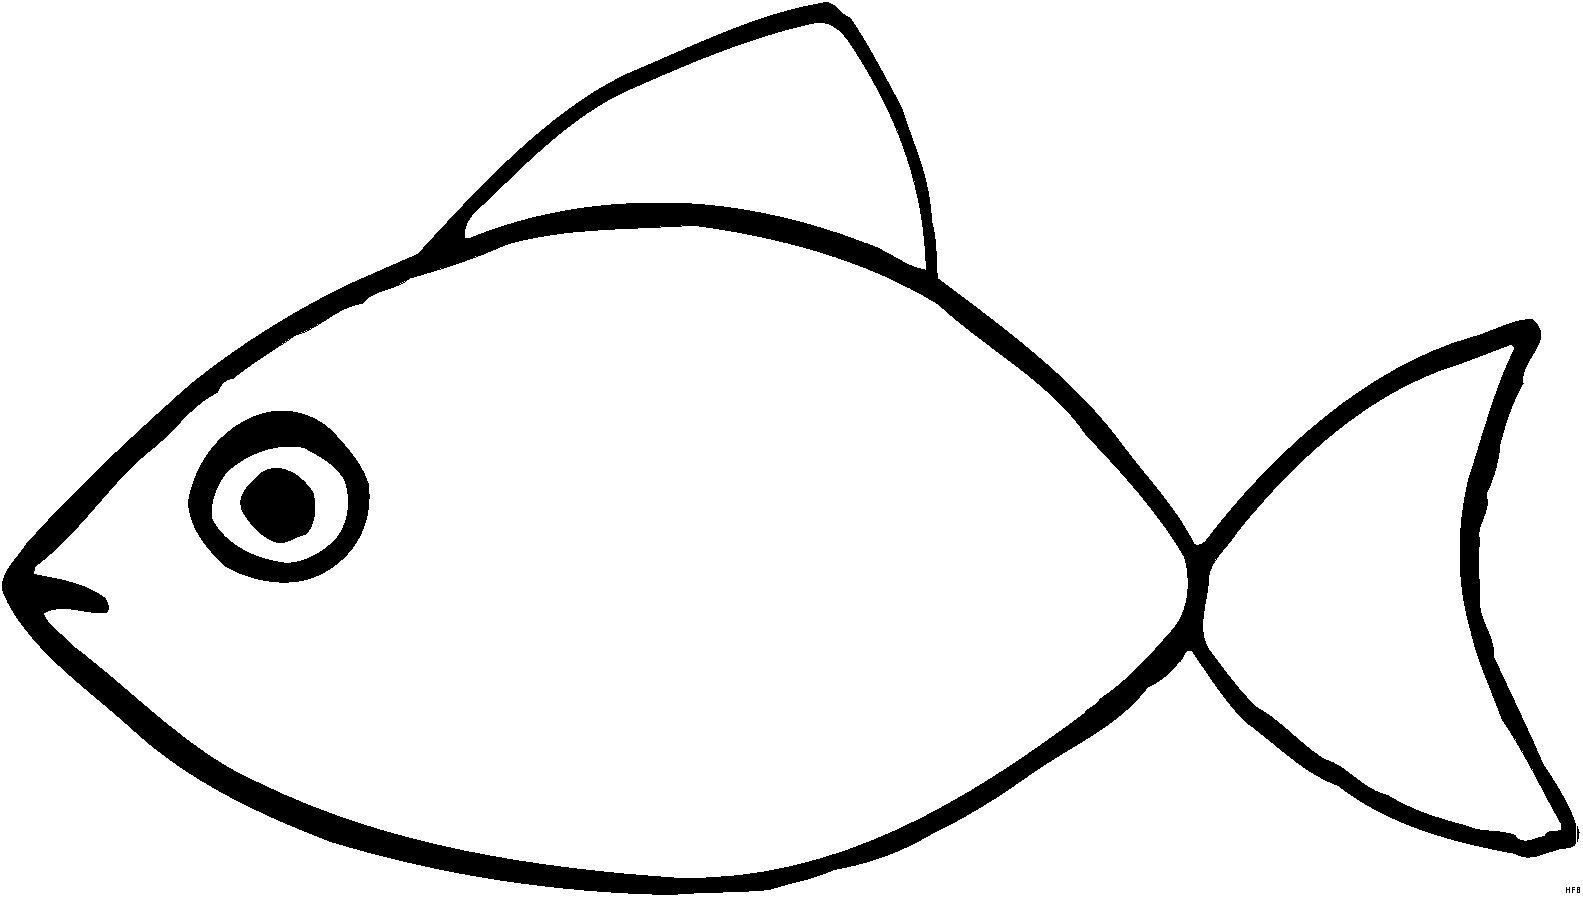 malvorlage fisch einfach  christopher ochoas malvorlagen